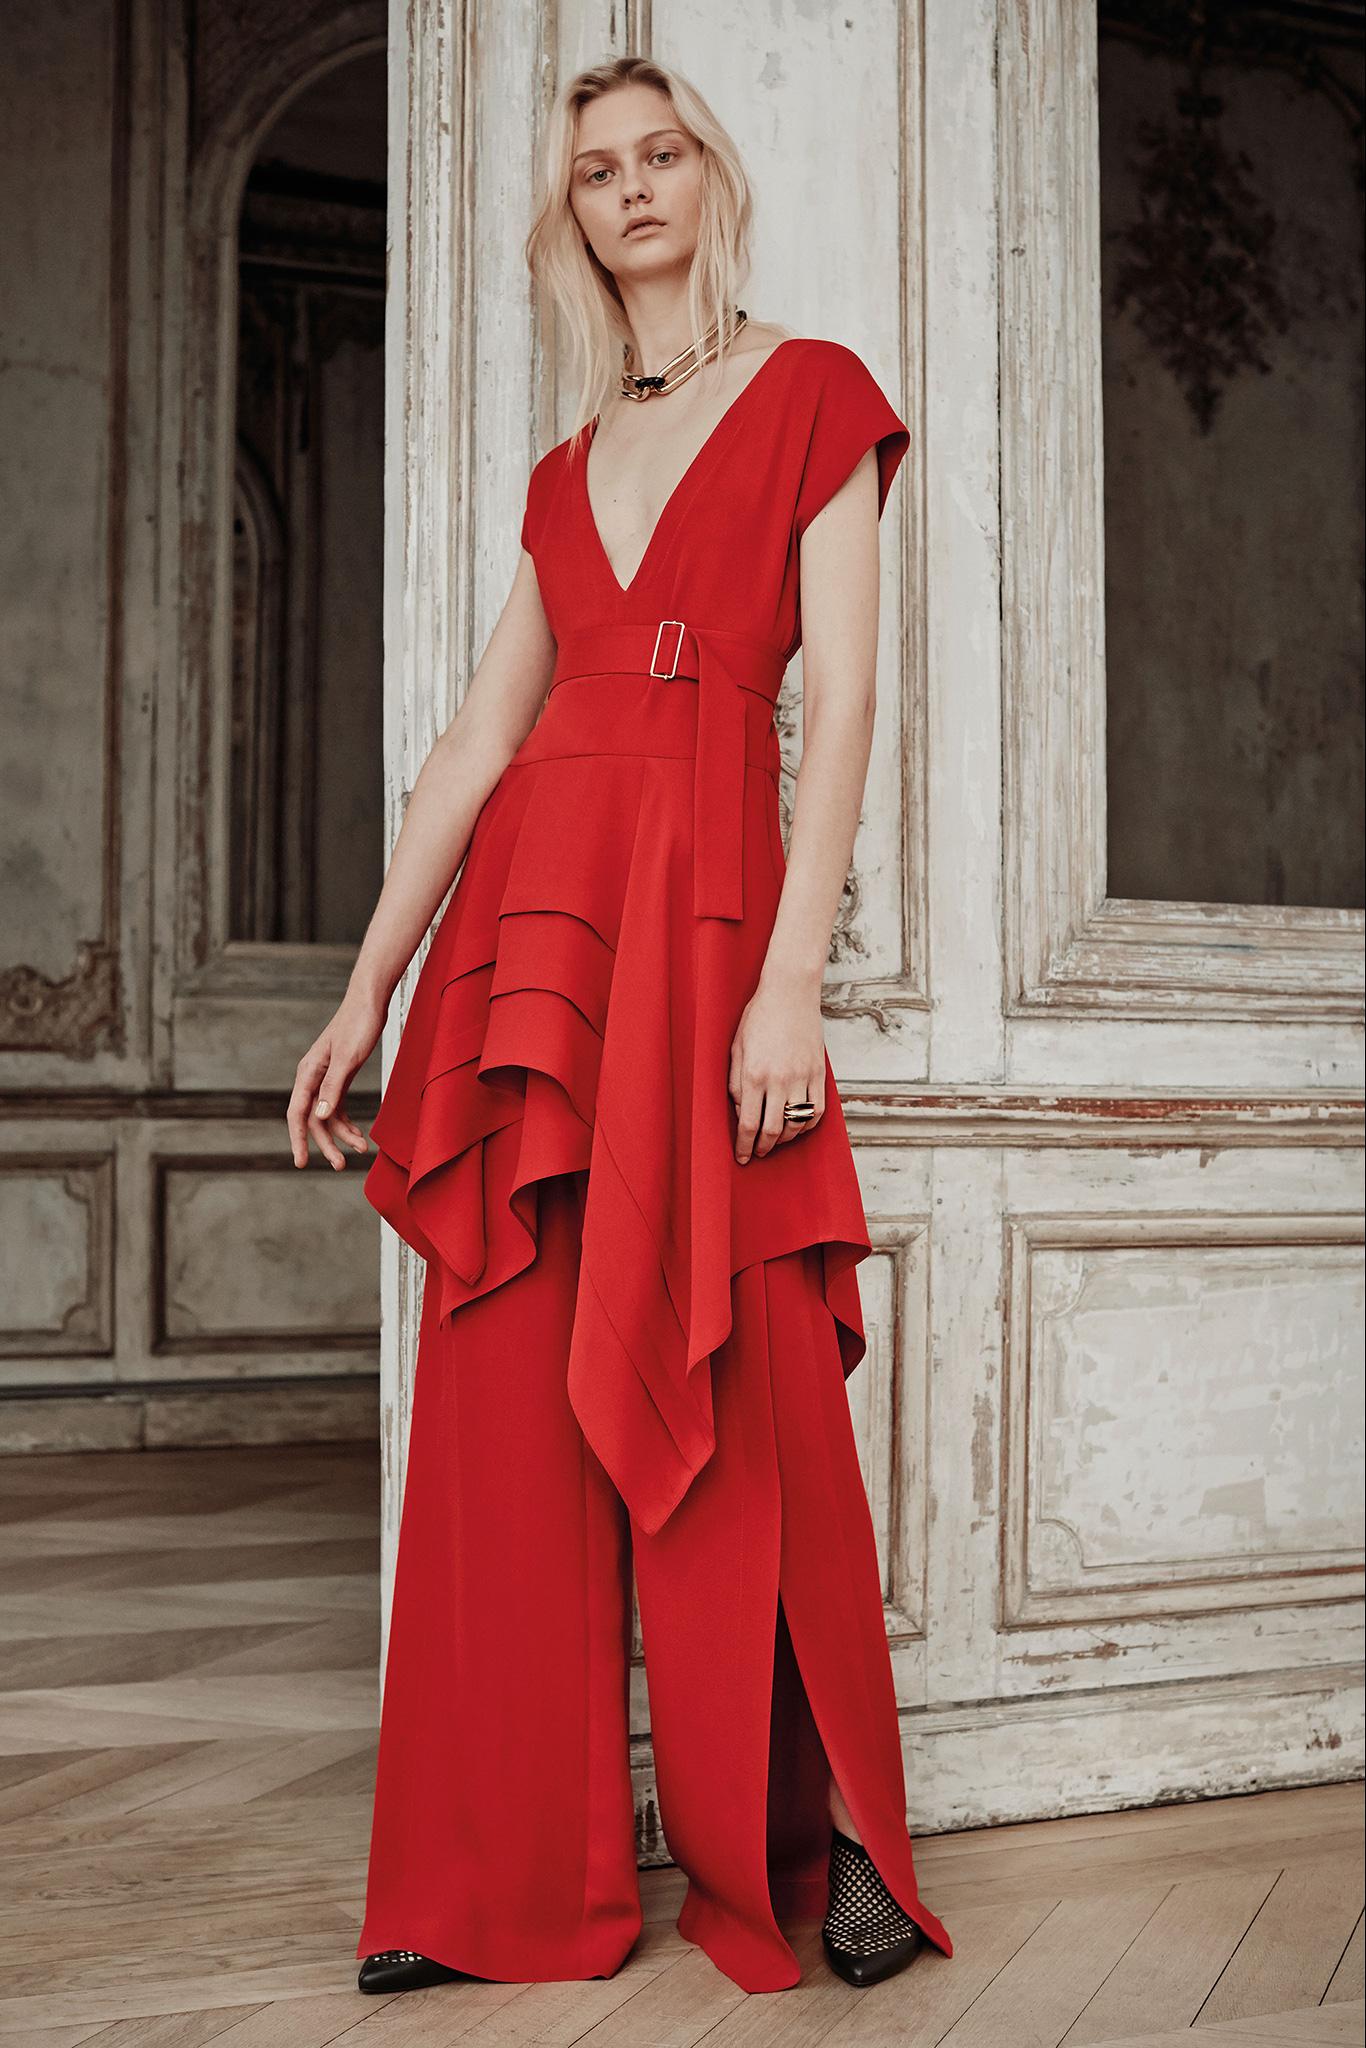 Hľadáte tipy na plesové šaty 2015 pre novú spoločenskú sezónu  Večerné šaty  sa zmenili a inšpiráciu rozhodne potrebujete. Poďte ju nájsť u Parížanok. 63373a402c